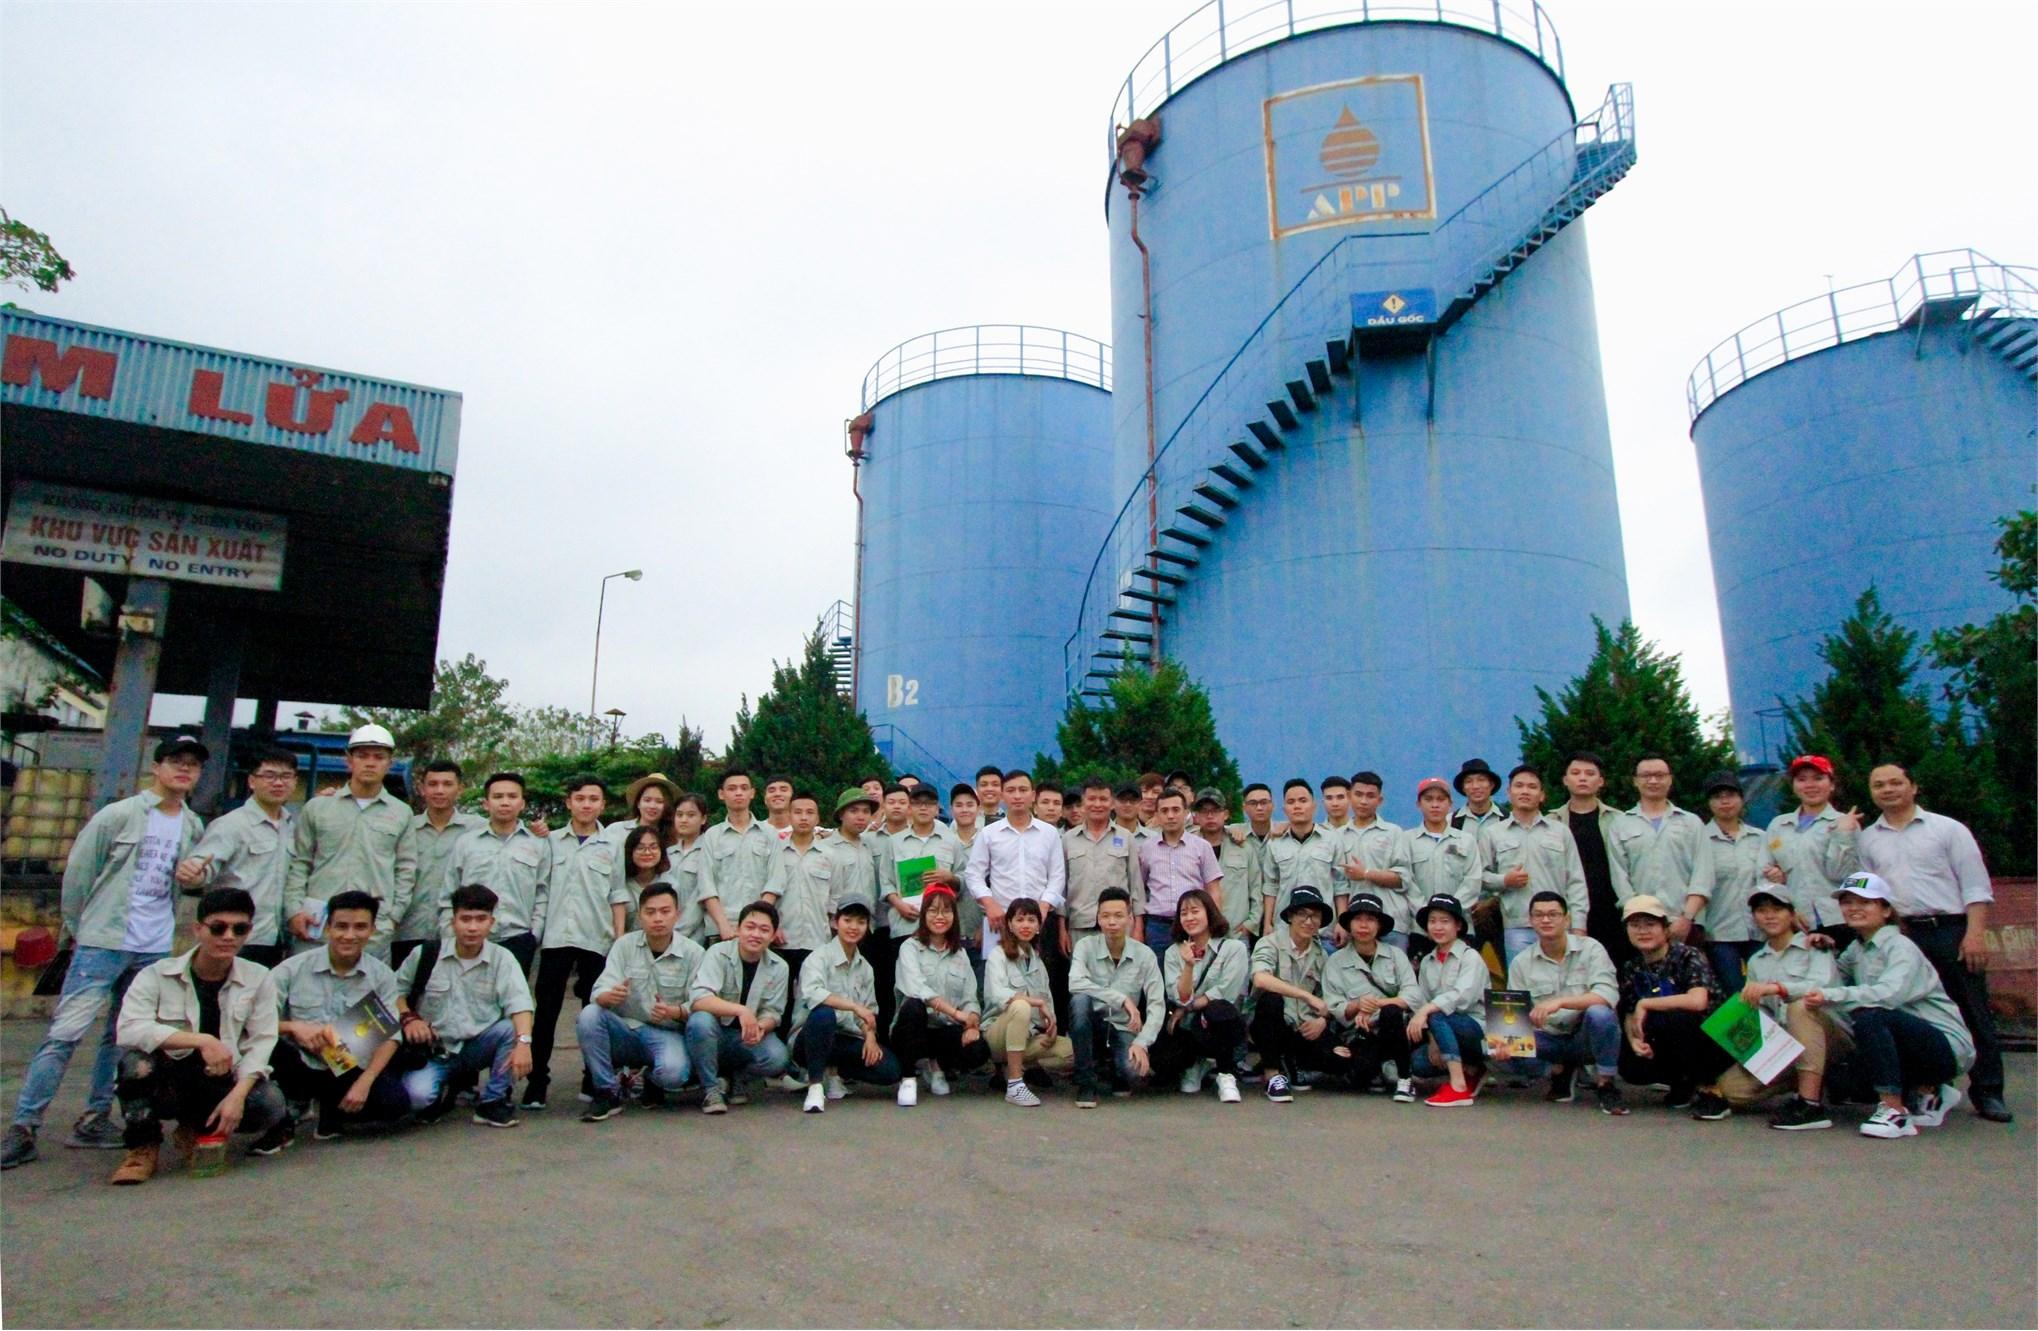 Ngành Công nghệ kỹ thuật Hóa học vững bước với Cách mạng Công nghiệp 4.0